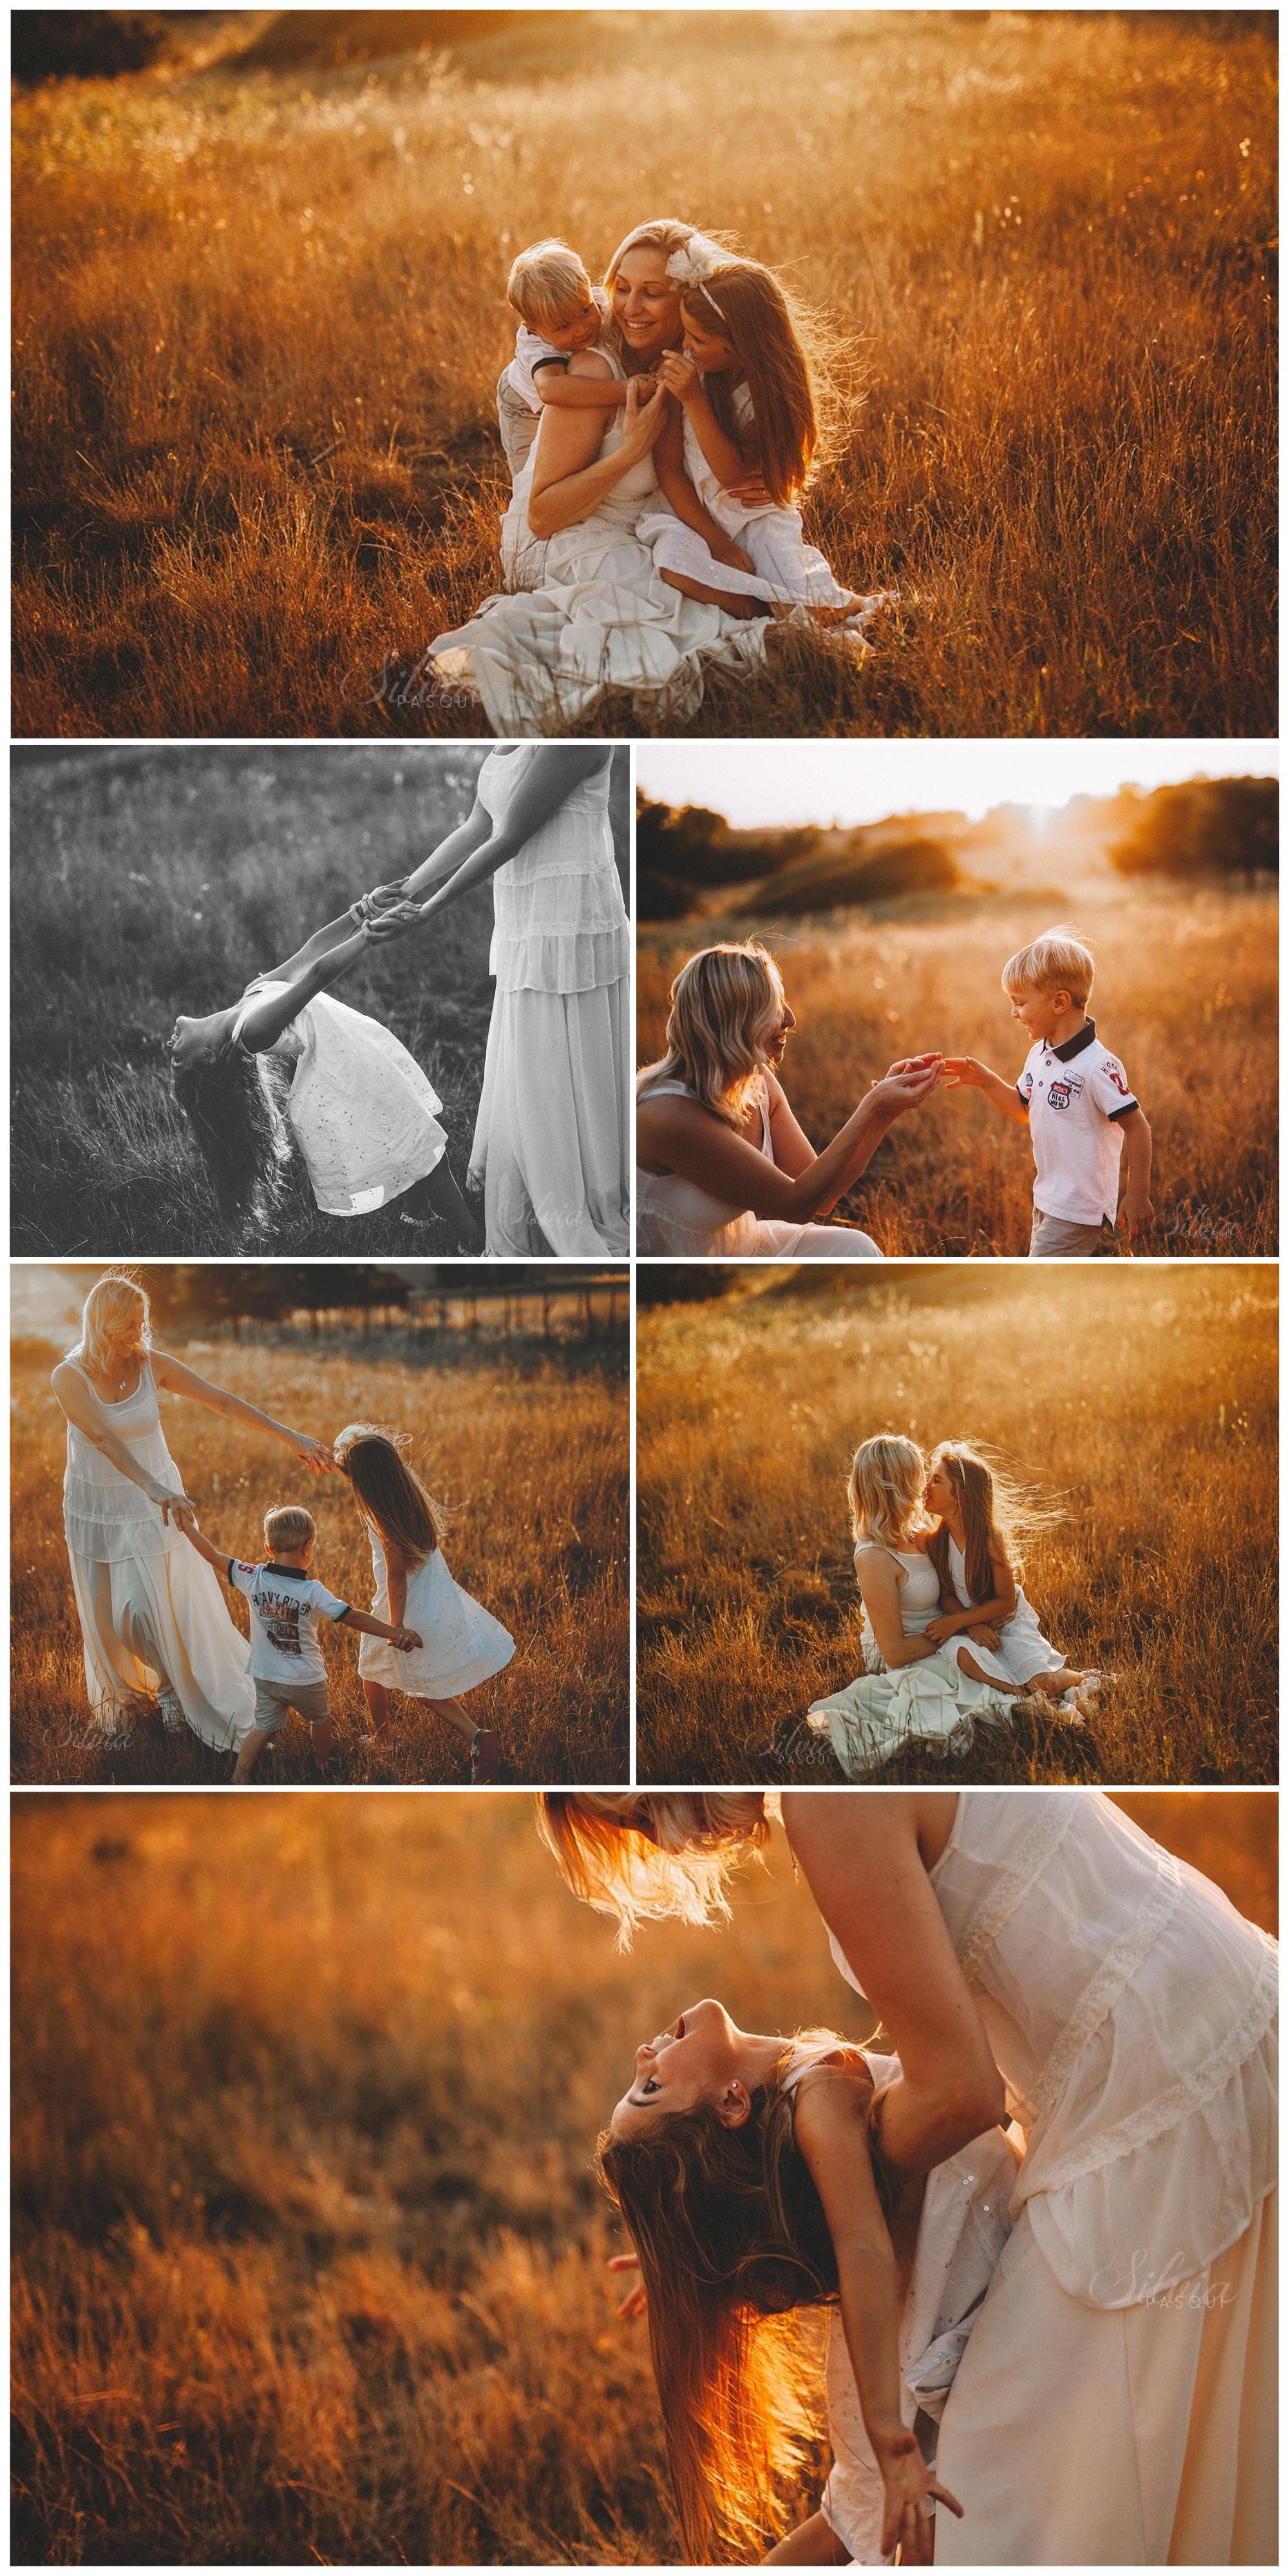 servizi fotografici a famiglie